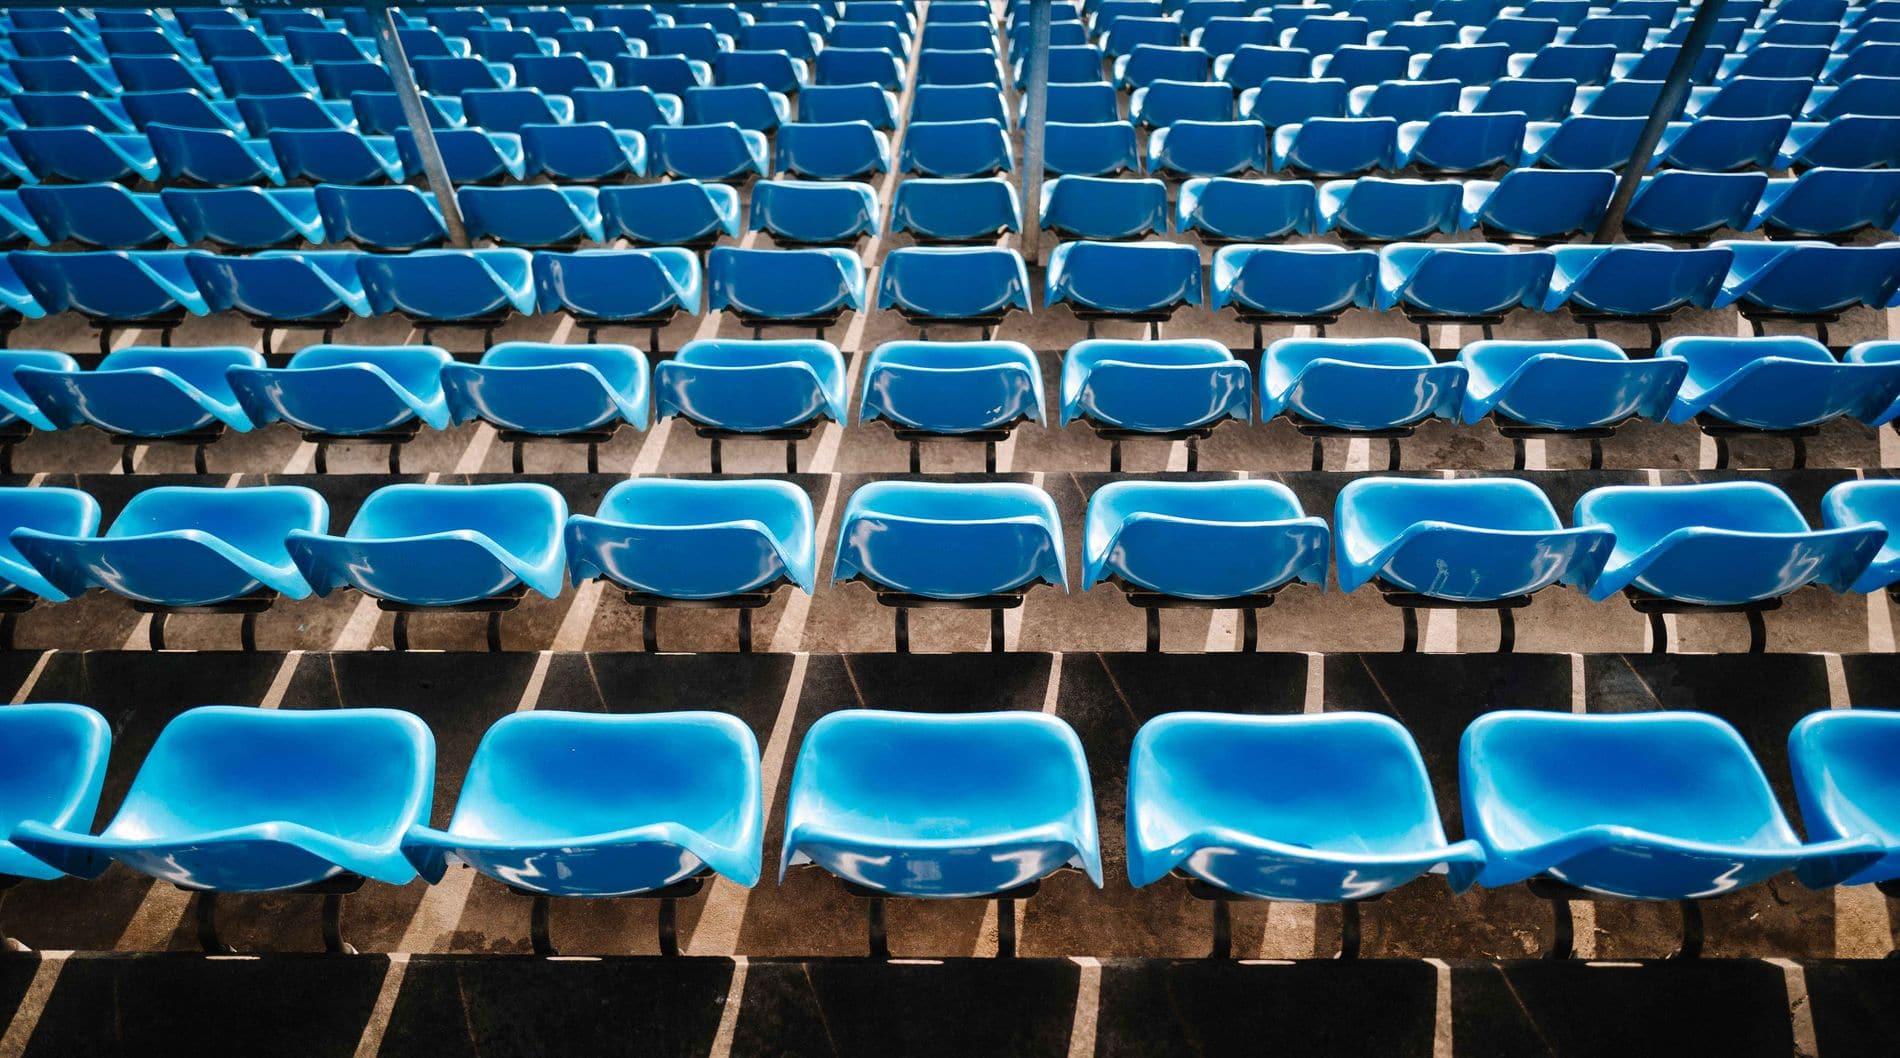 VfL Bochum: Sitzplätze im Ruhrstadion